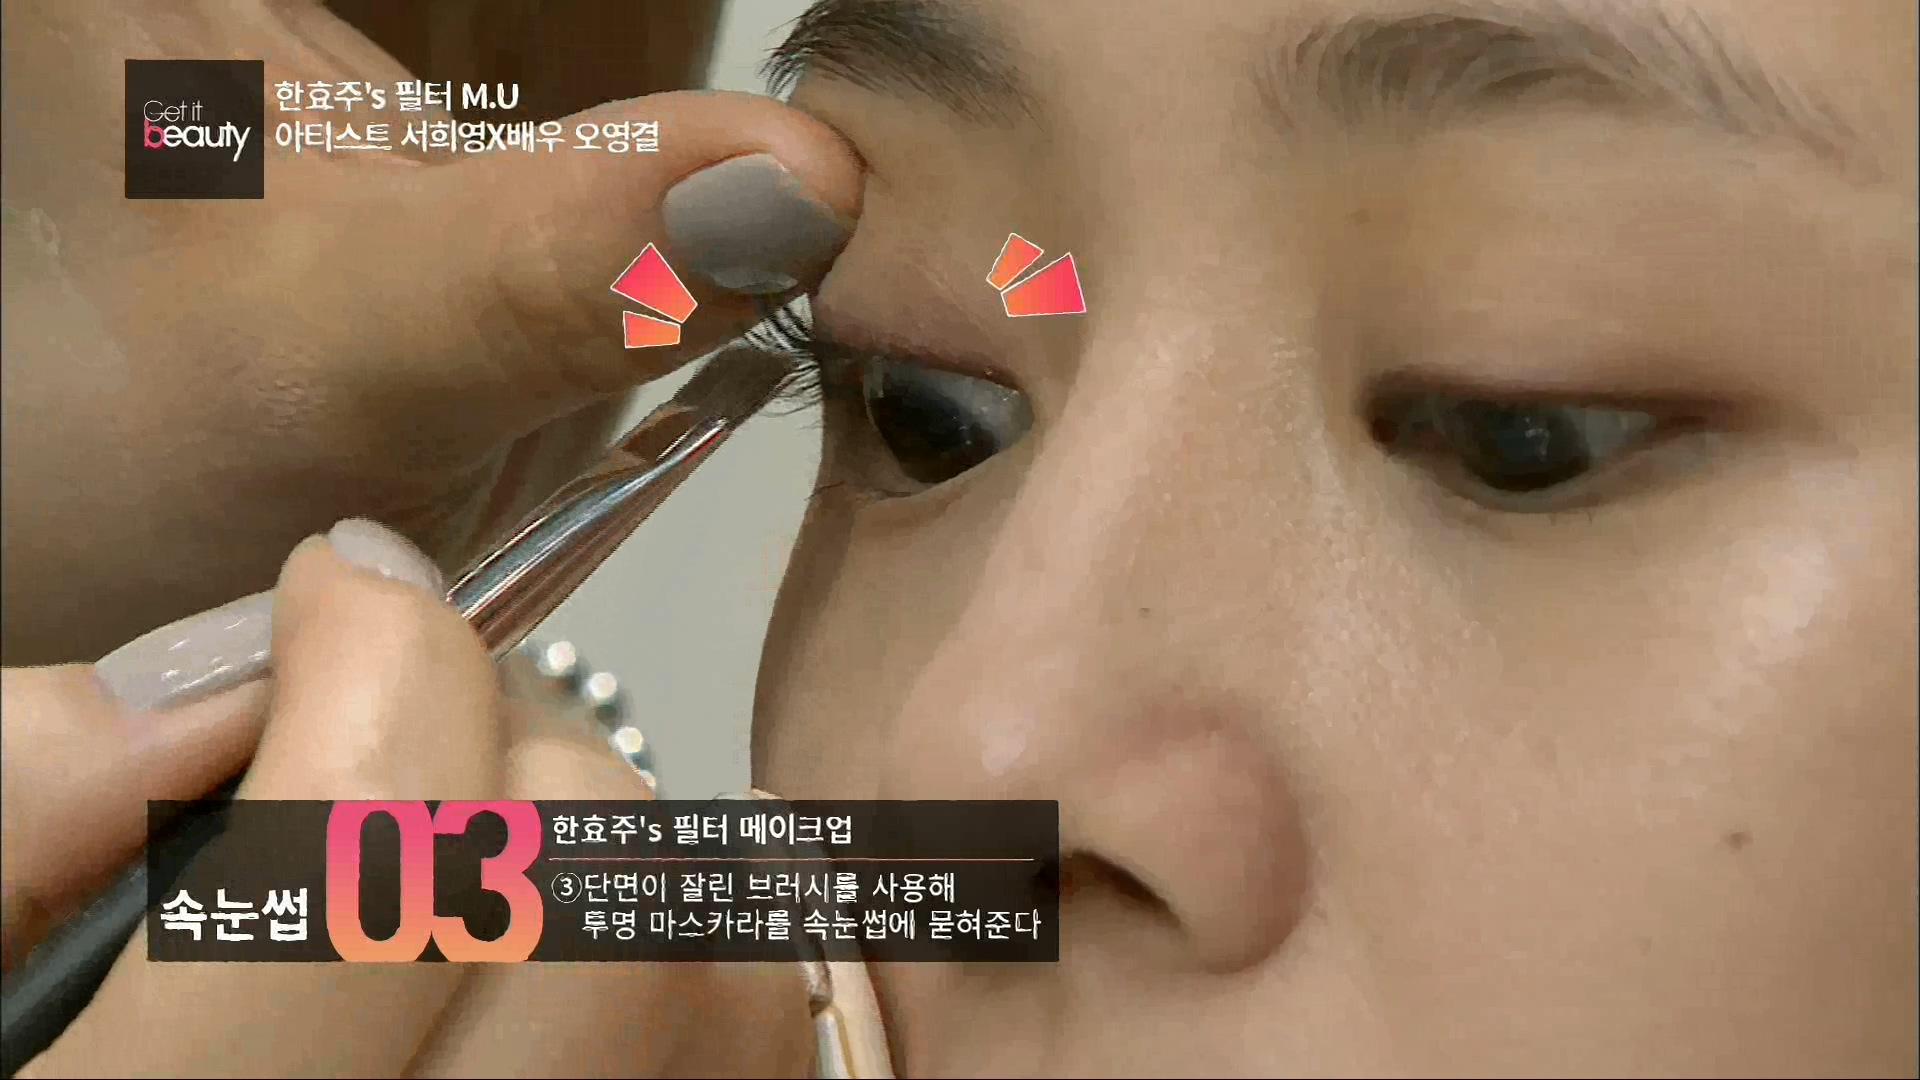 한효주's 필터 메이크업 #속눈썹 단면이 잘린 브러시를 사용해 투명 마스카라를 속눈썹에 묻혀준다